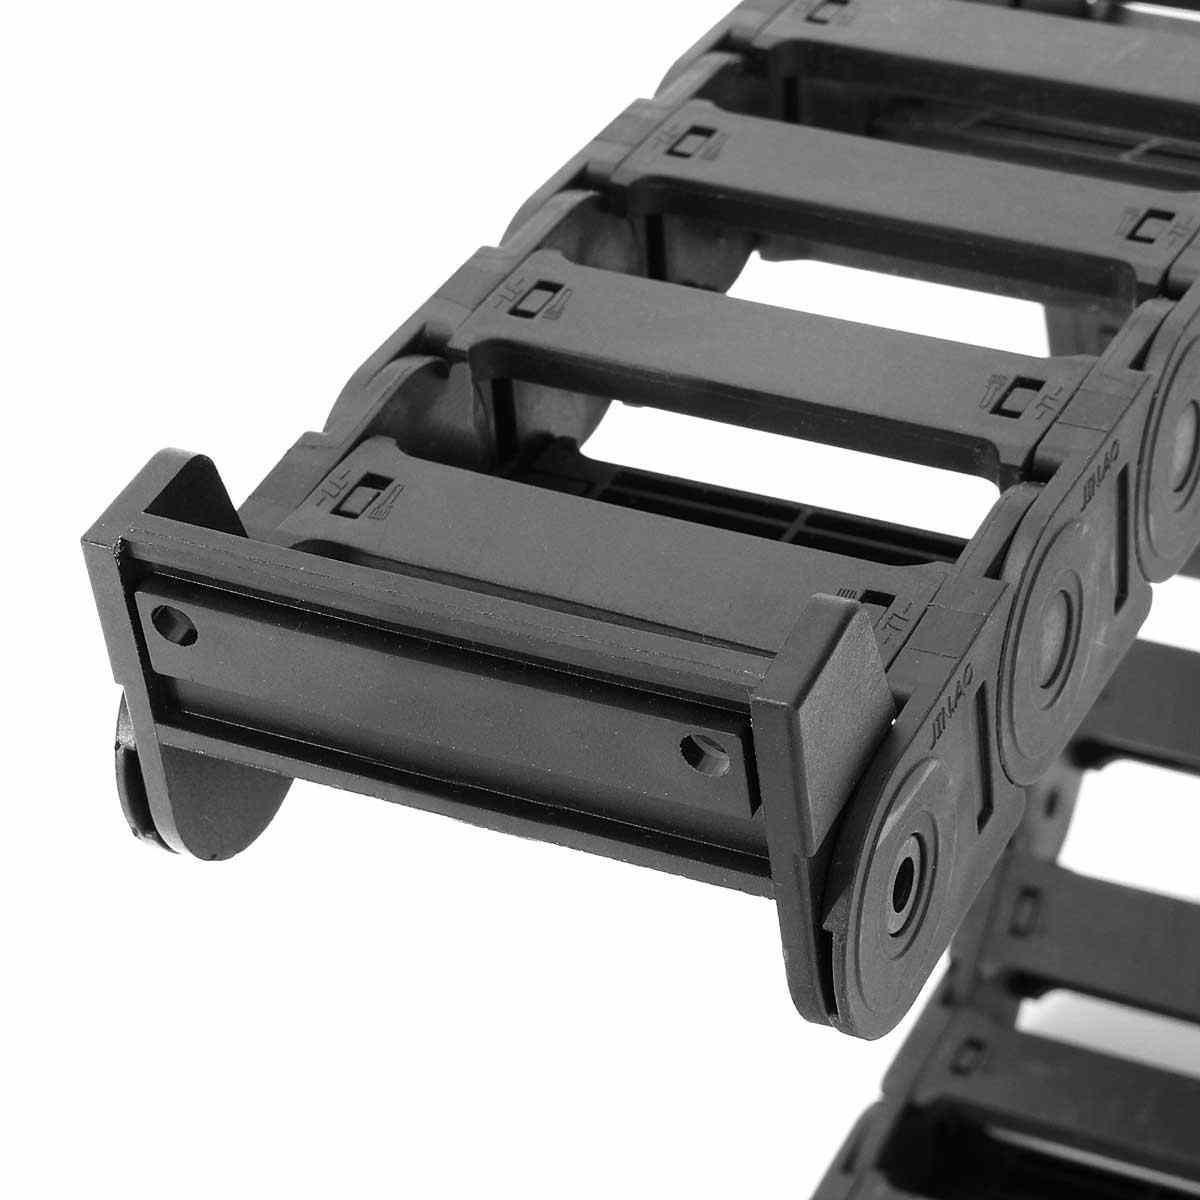 1000mm kabel przenośnik łańcuchowy przewoźnik drutu 25x77mm nylonu wzmocnionego włóknem szklanym PA66 łańcuchy dla obrabiarek CNC Router